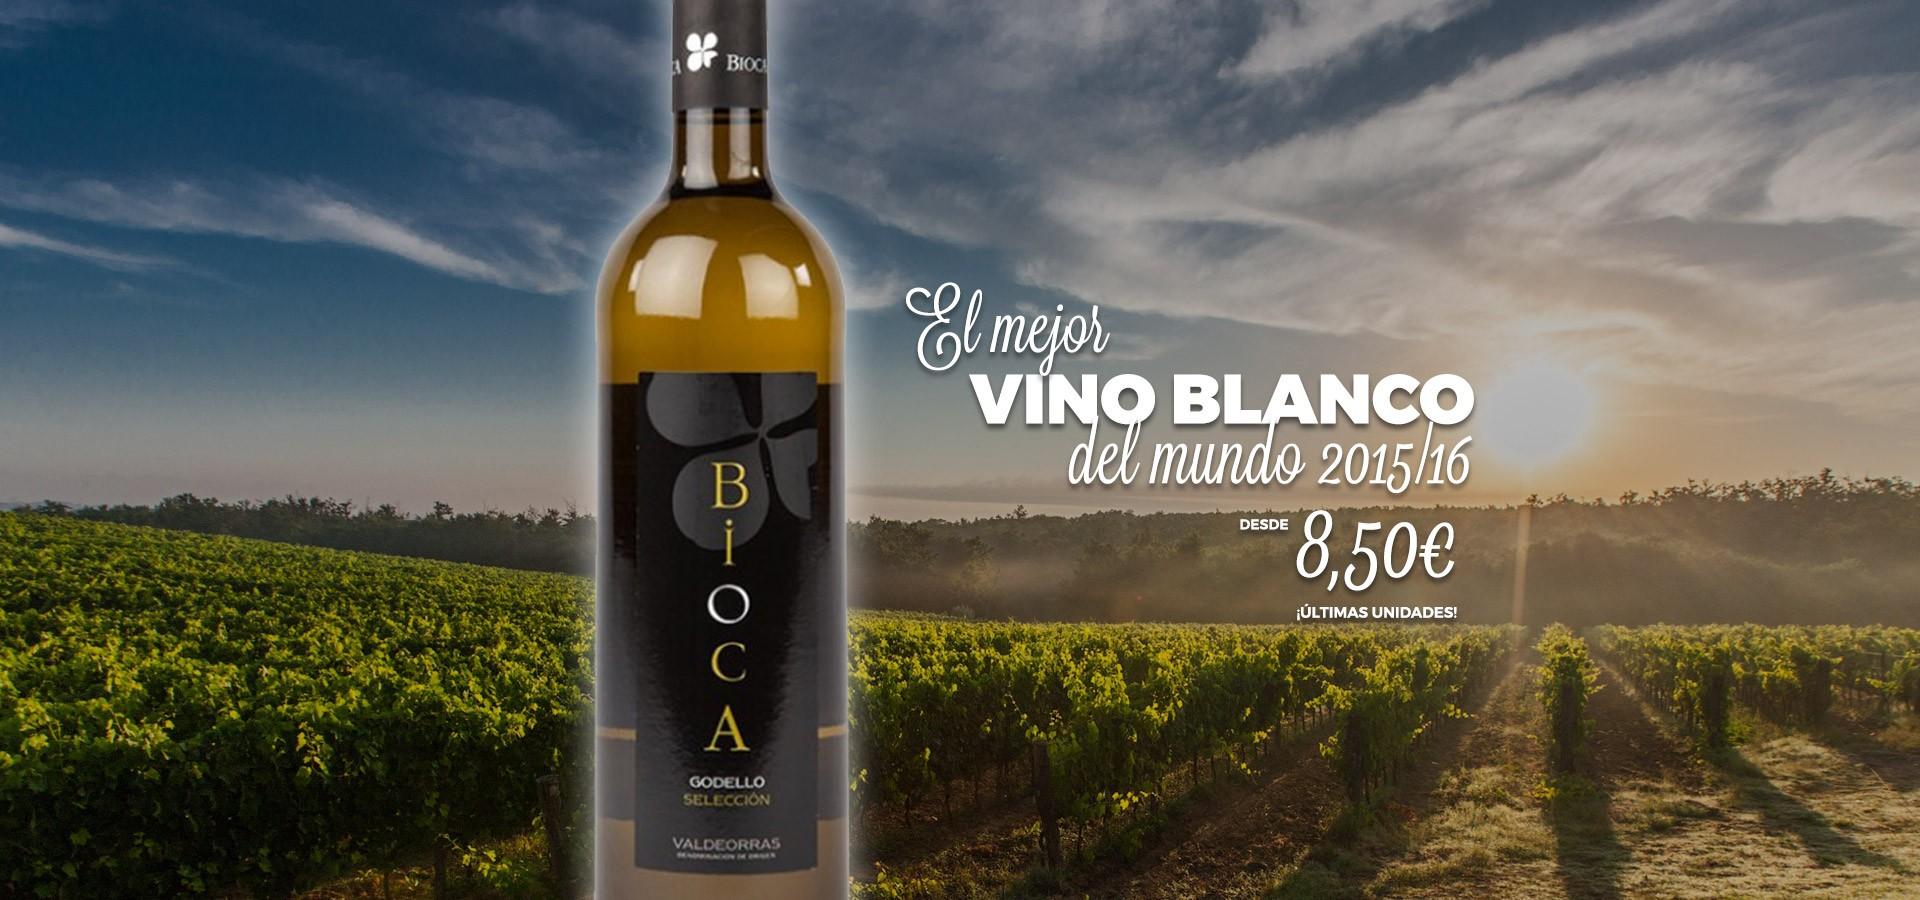 Bioca Godello - El mejor vino blanco del mundo